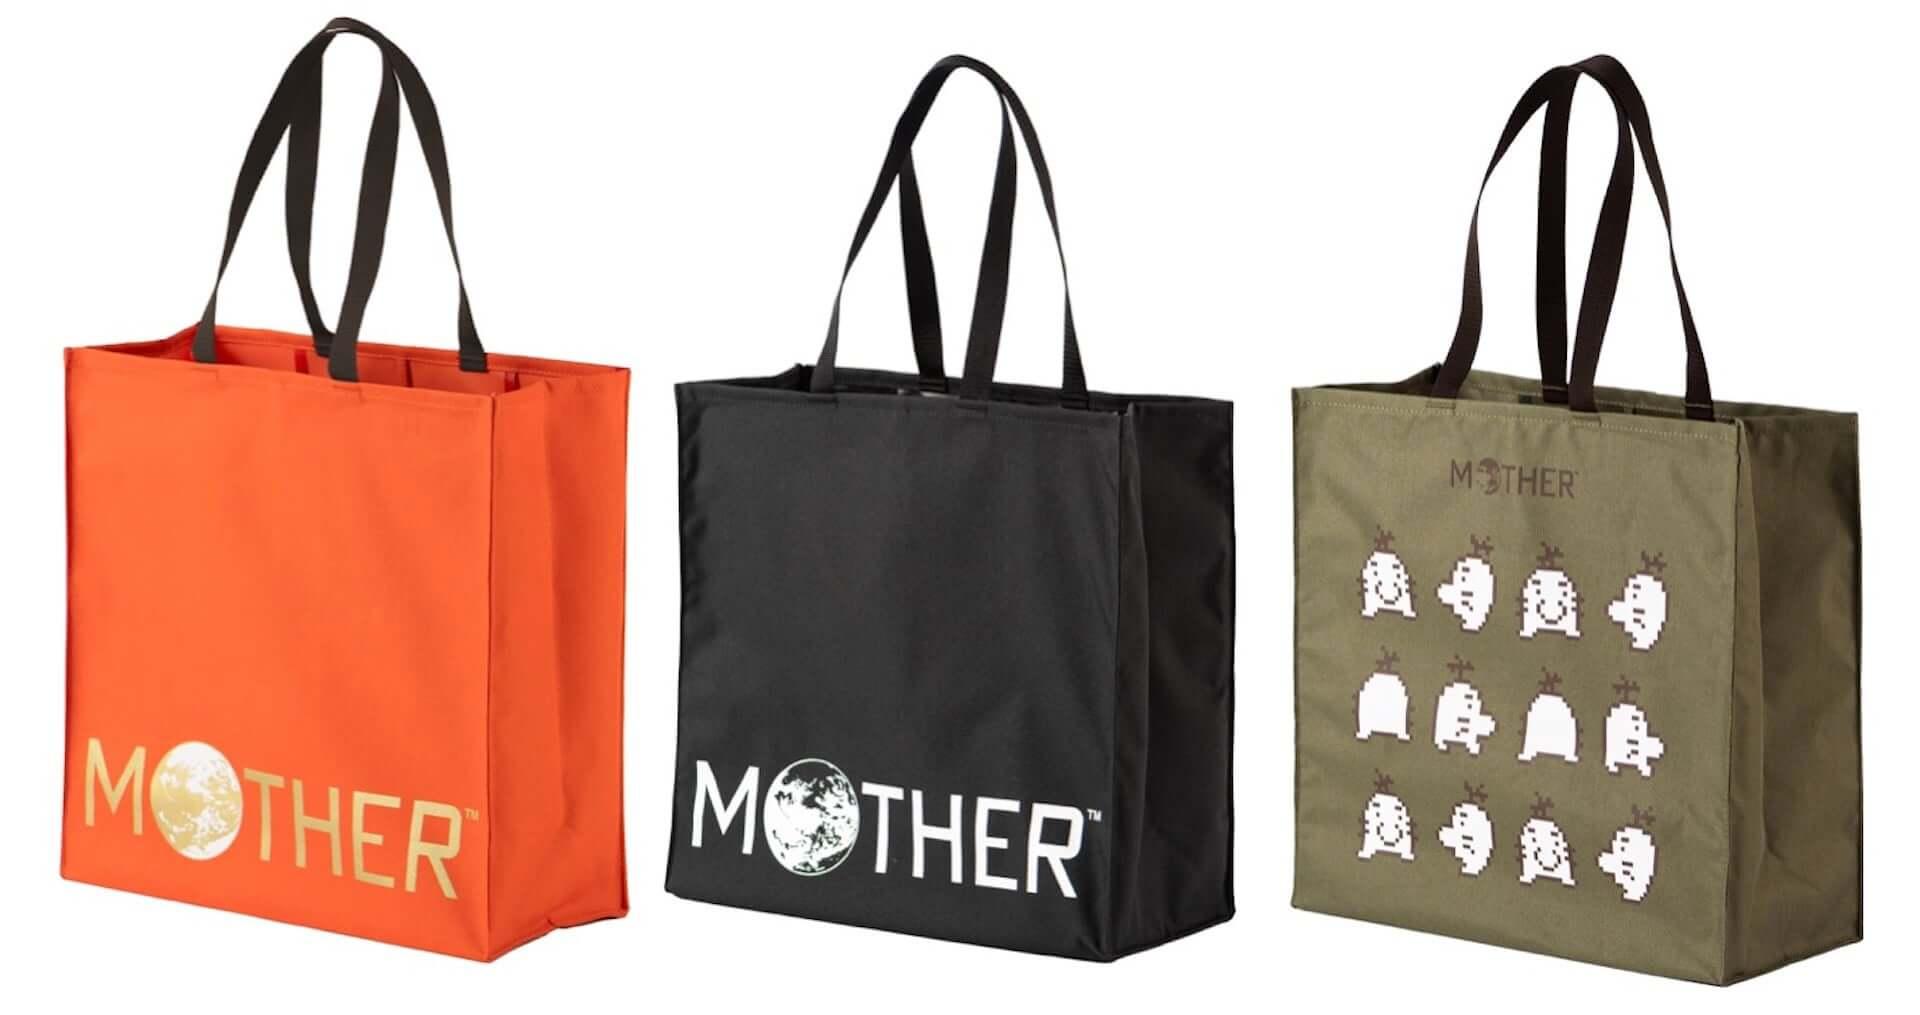 どせいさんやネスも登場!『MOTHER』デザインの『ほぼ日手帳』2021年版のラインナップが大公開 art2000825_mother-hobonichi_14-1920x1015